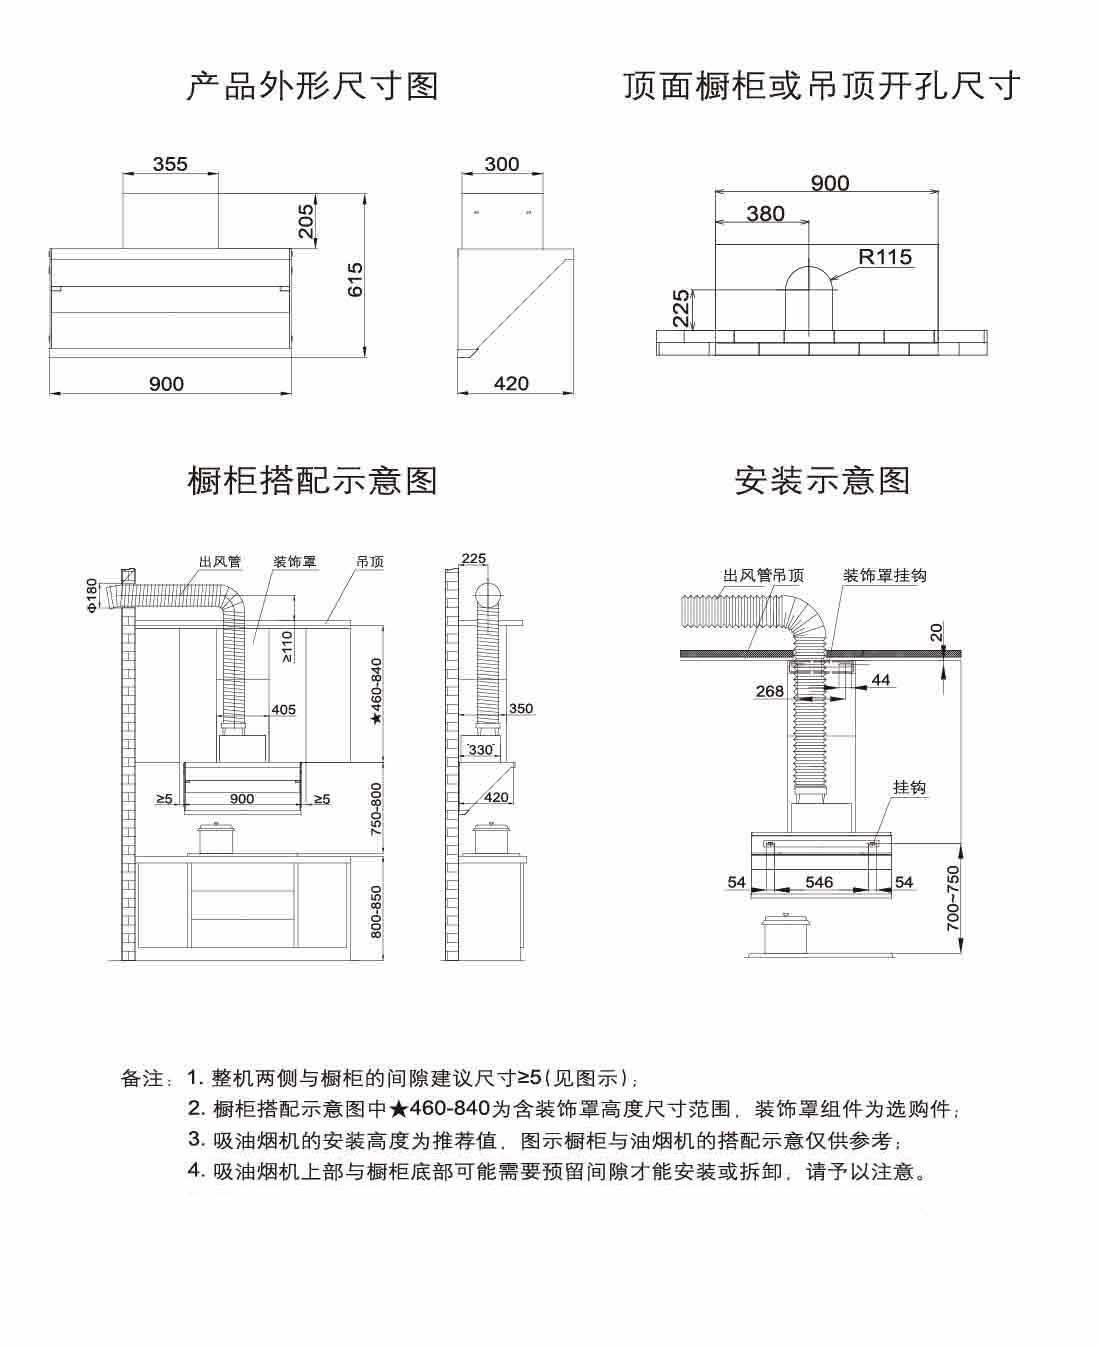 彩28彩票CXW-200-JQ03TS装置表示图